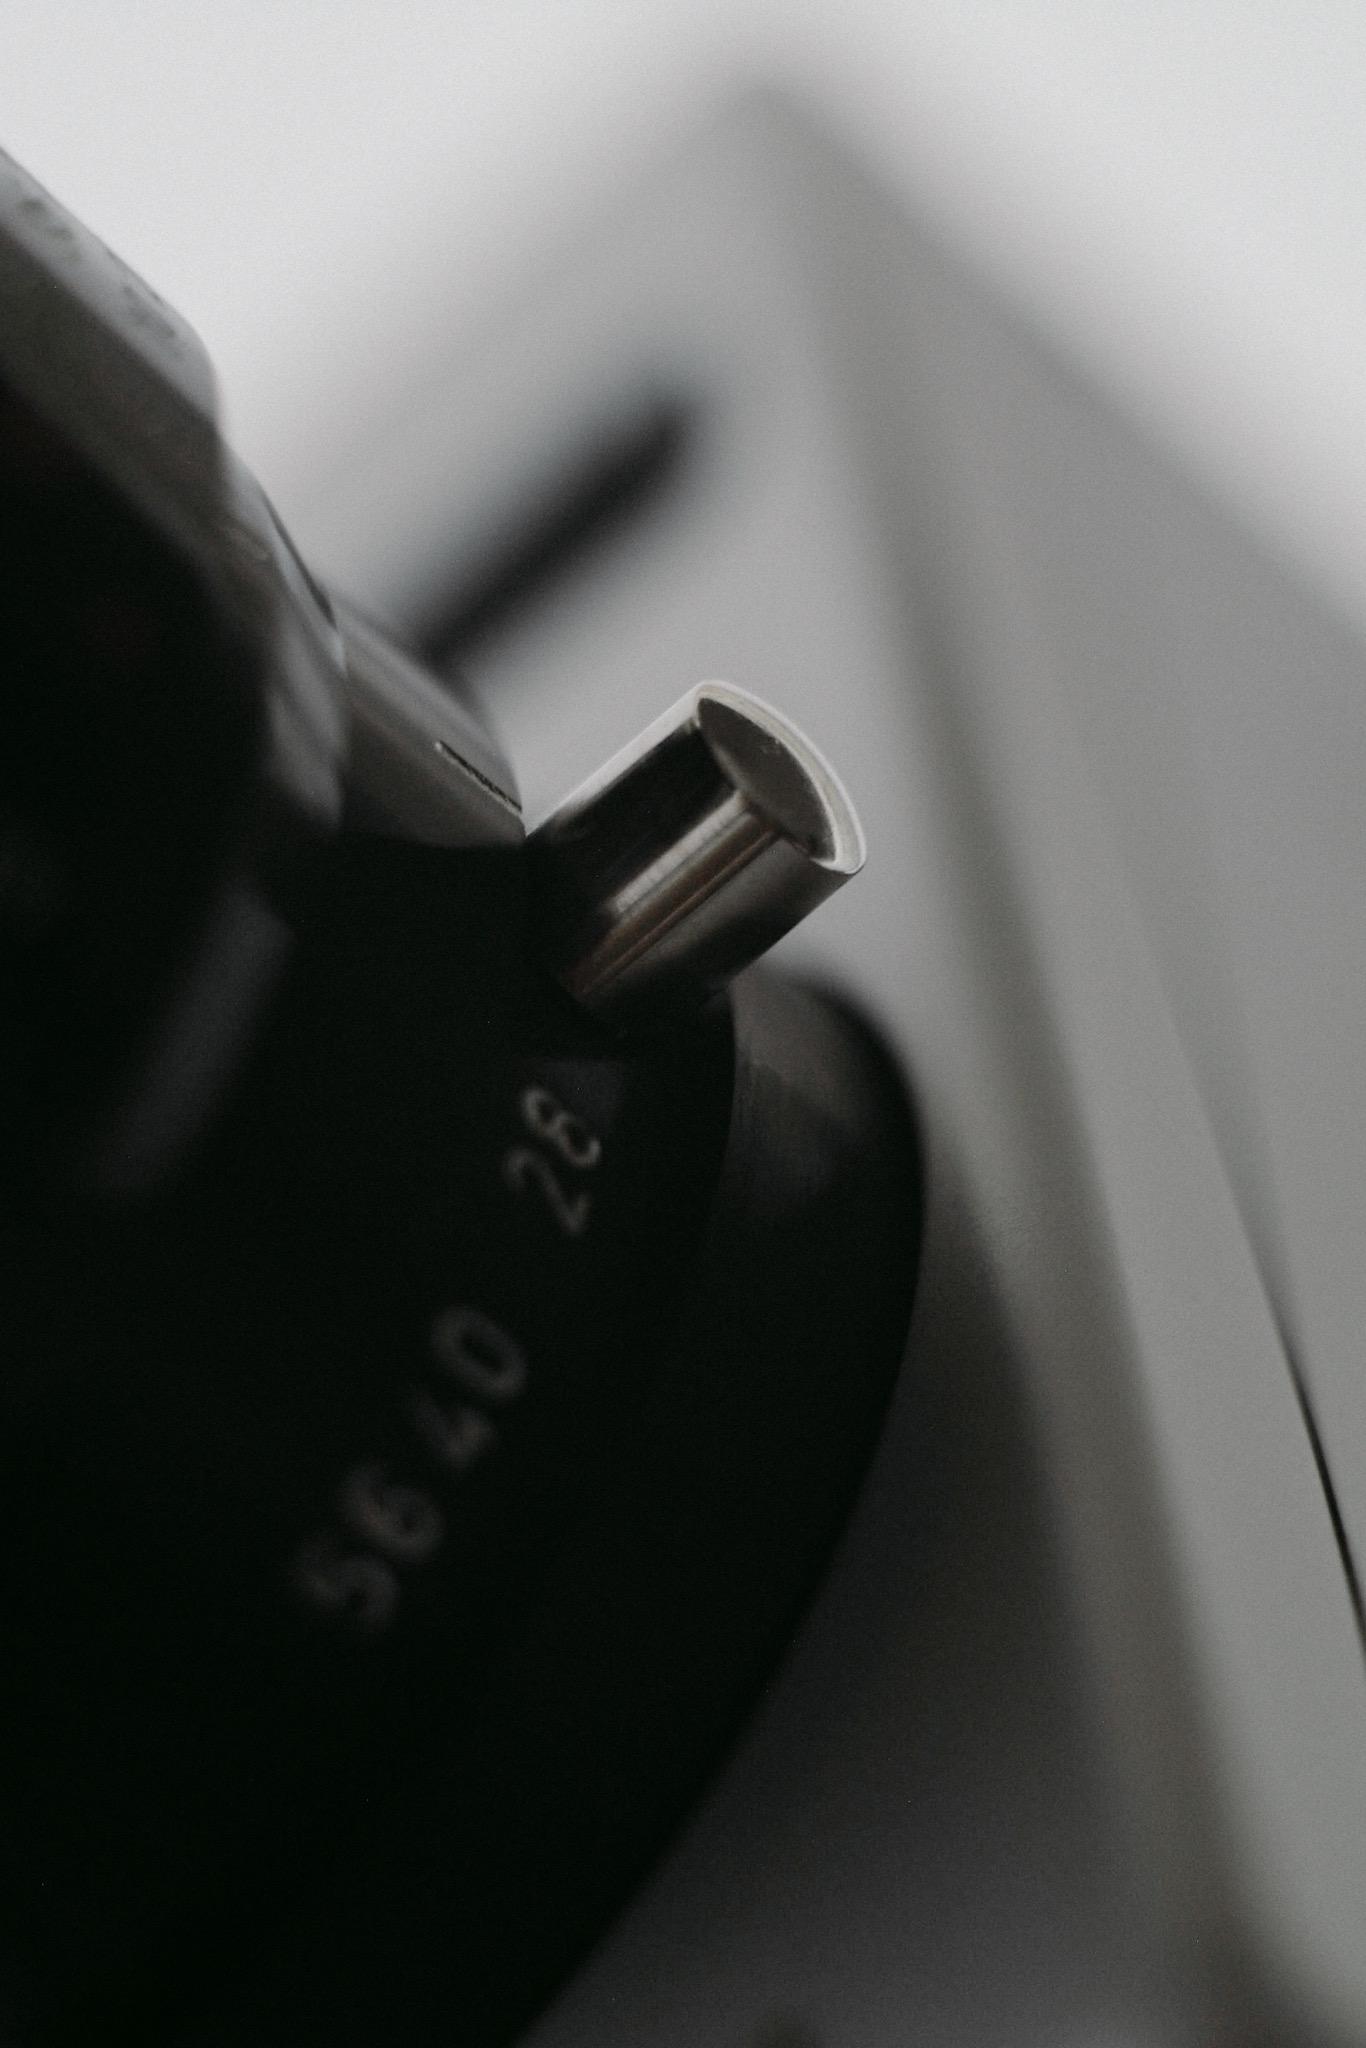 Nizo S56 — smooth movements, engaging dials